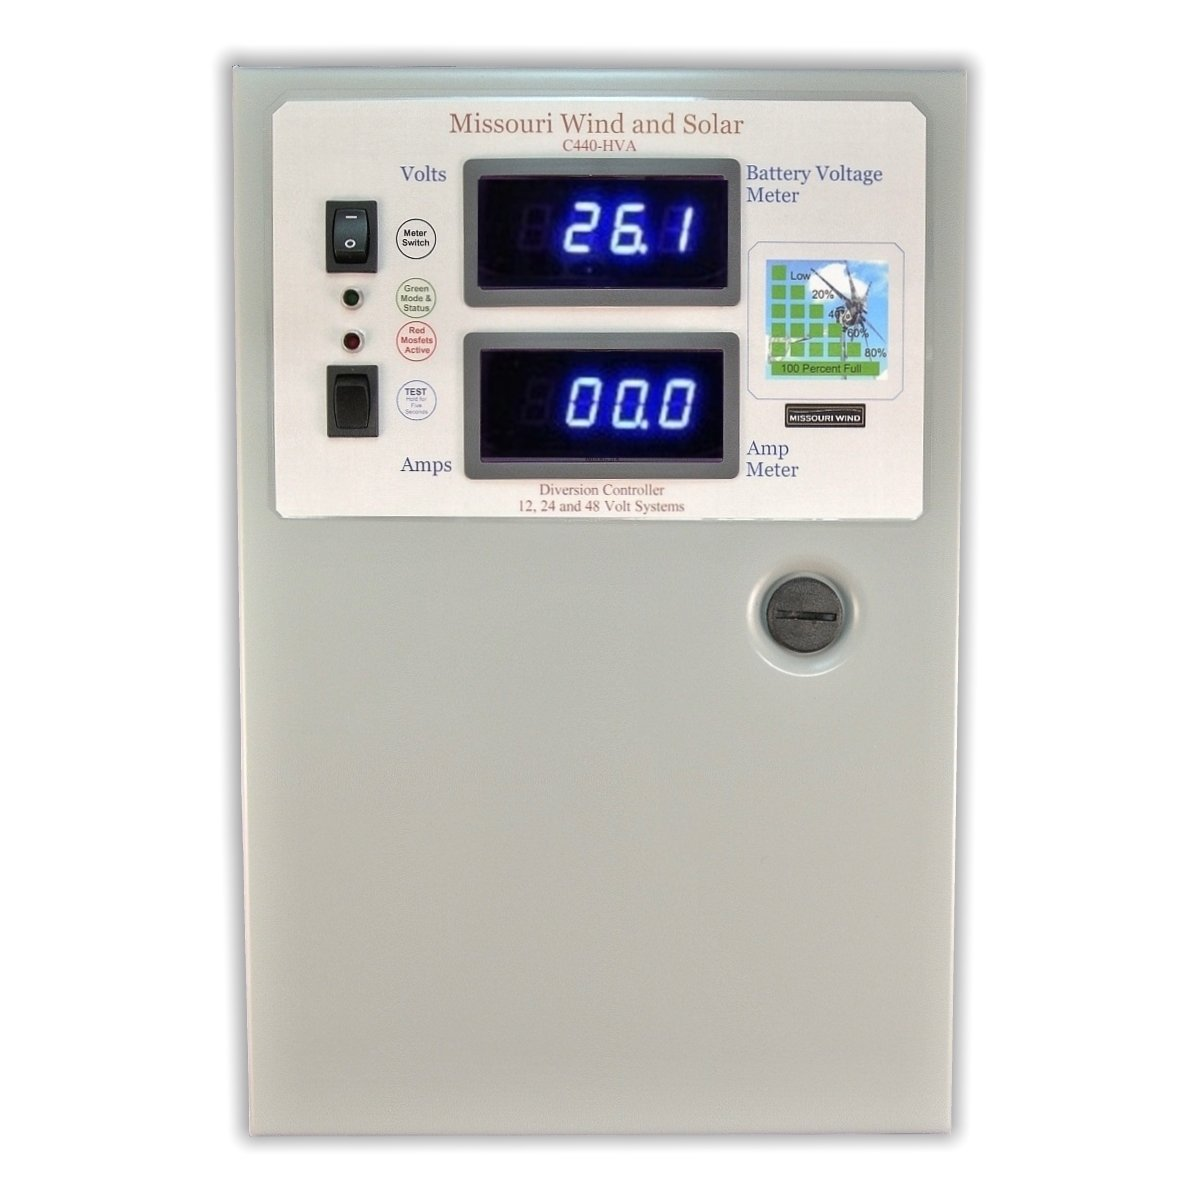 Hva Charge Controller For Wind Turbine Generators Prime Genset Pr7500cl 6000watt Solar Panels Renewable Energy Controllers Garden Outdoor